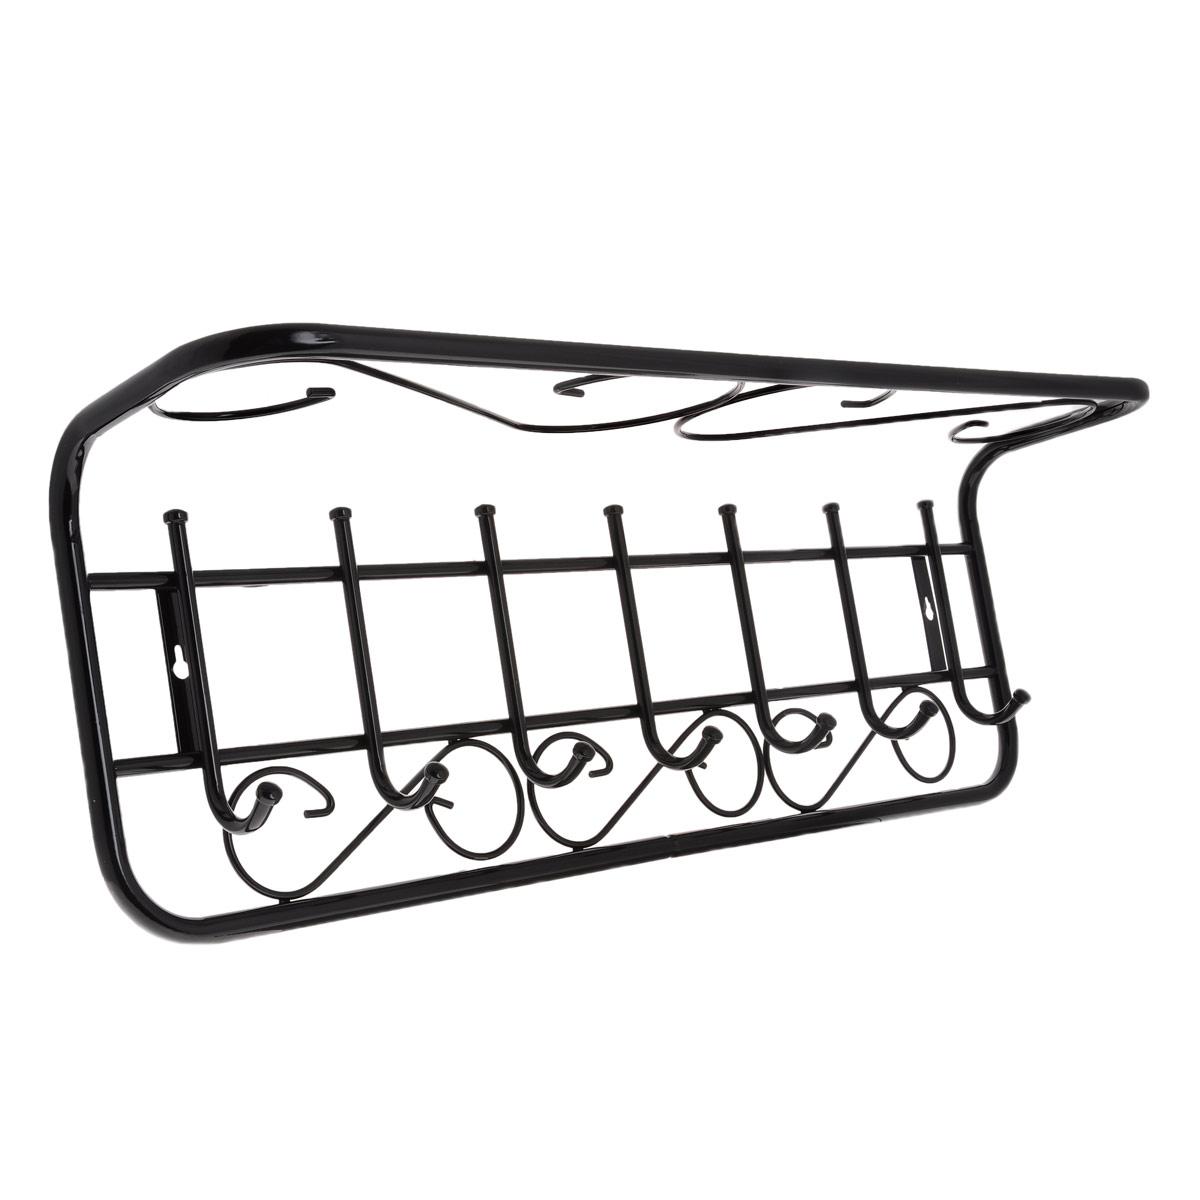 Вешалка настенная ЗМИ Ажур, с полкой, 7 крючковБрелок для ключейМеталлическая вешалка с полимерным покрытием ЗМИ Ажур оснащена семью крючками для одежды и полкой, на которую можно положить головные уборы или другие аксессуары. Крепится к стене при помощи двух шурупов (не входят в комплект).Вешалка ЗМИ Ажур идеально подходит для маленьких прихожих и ограниченных пространств.